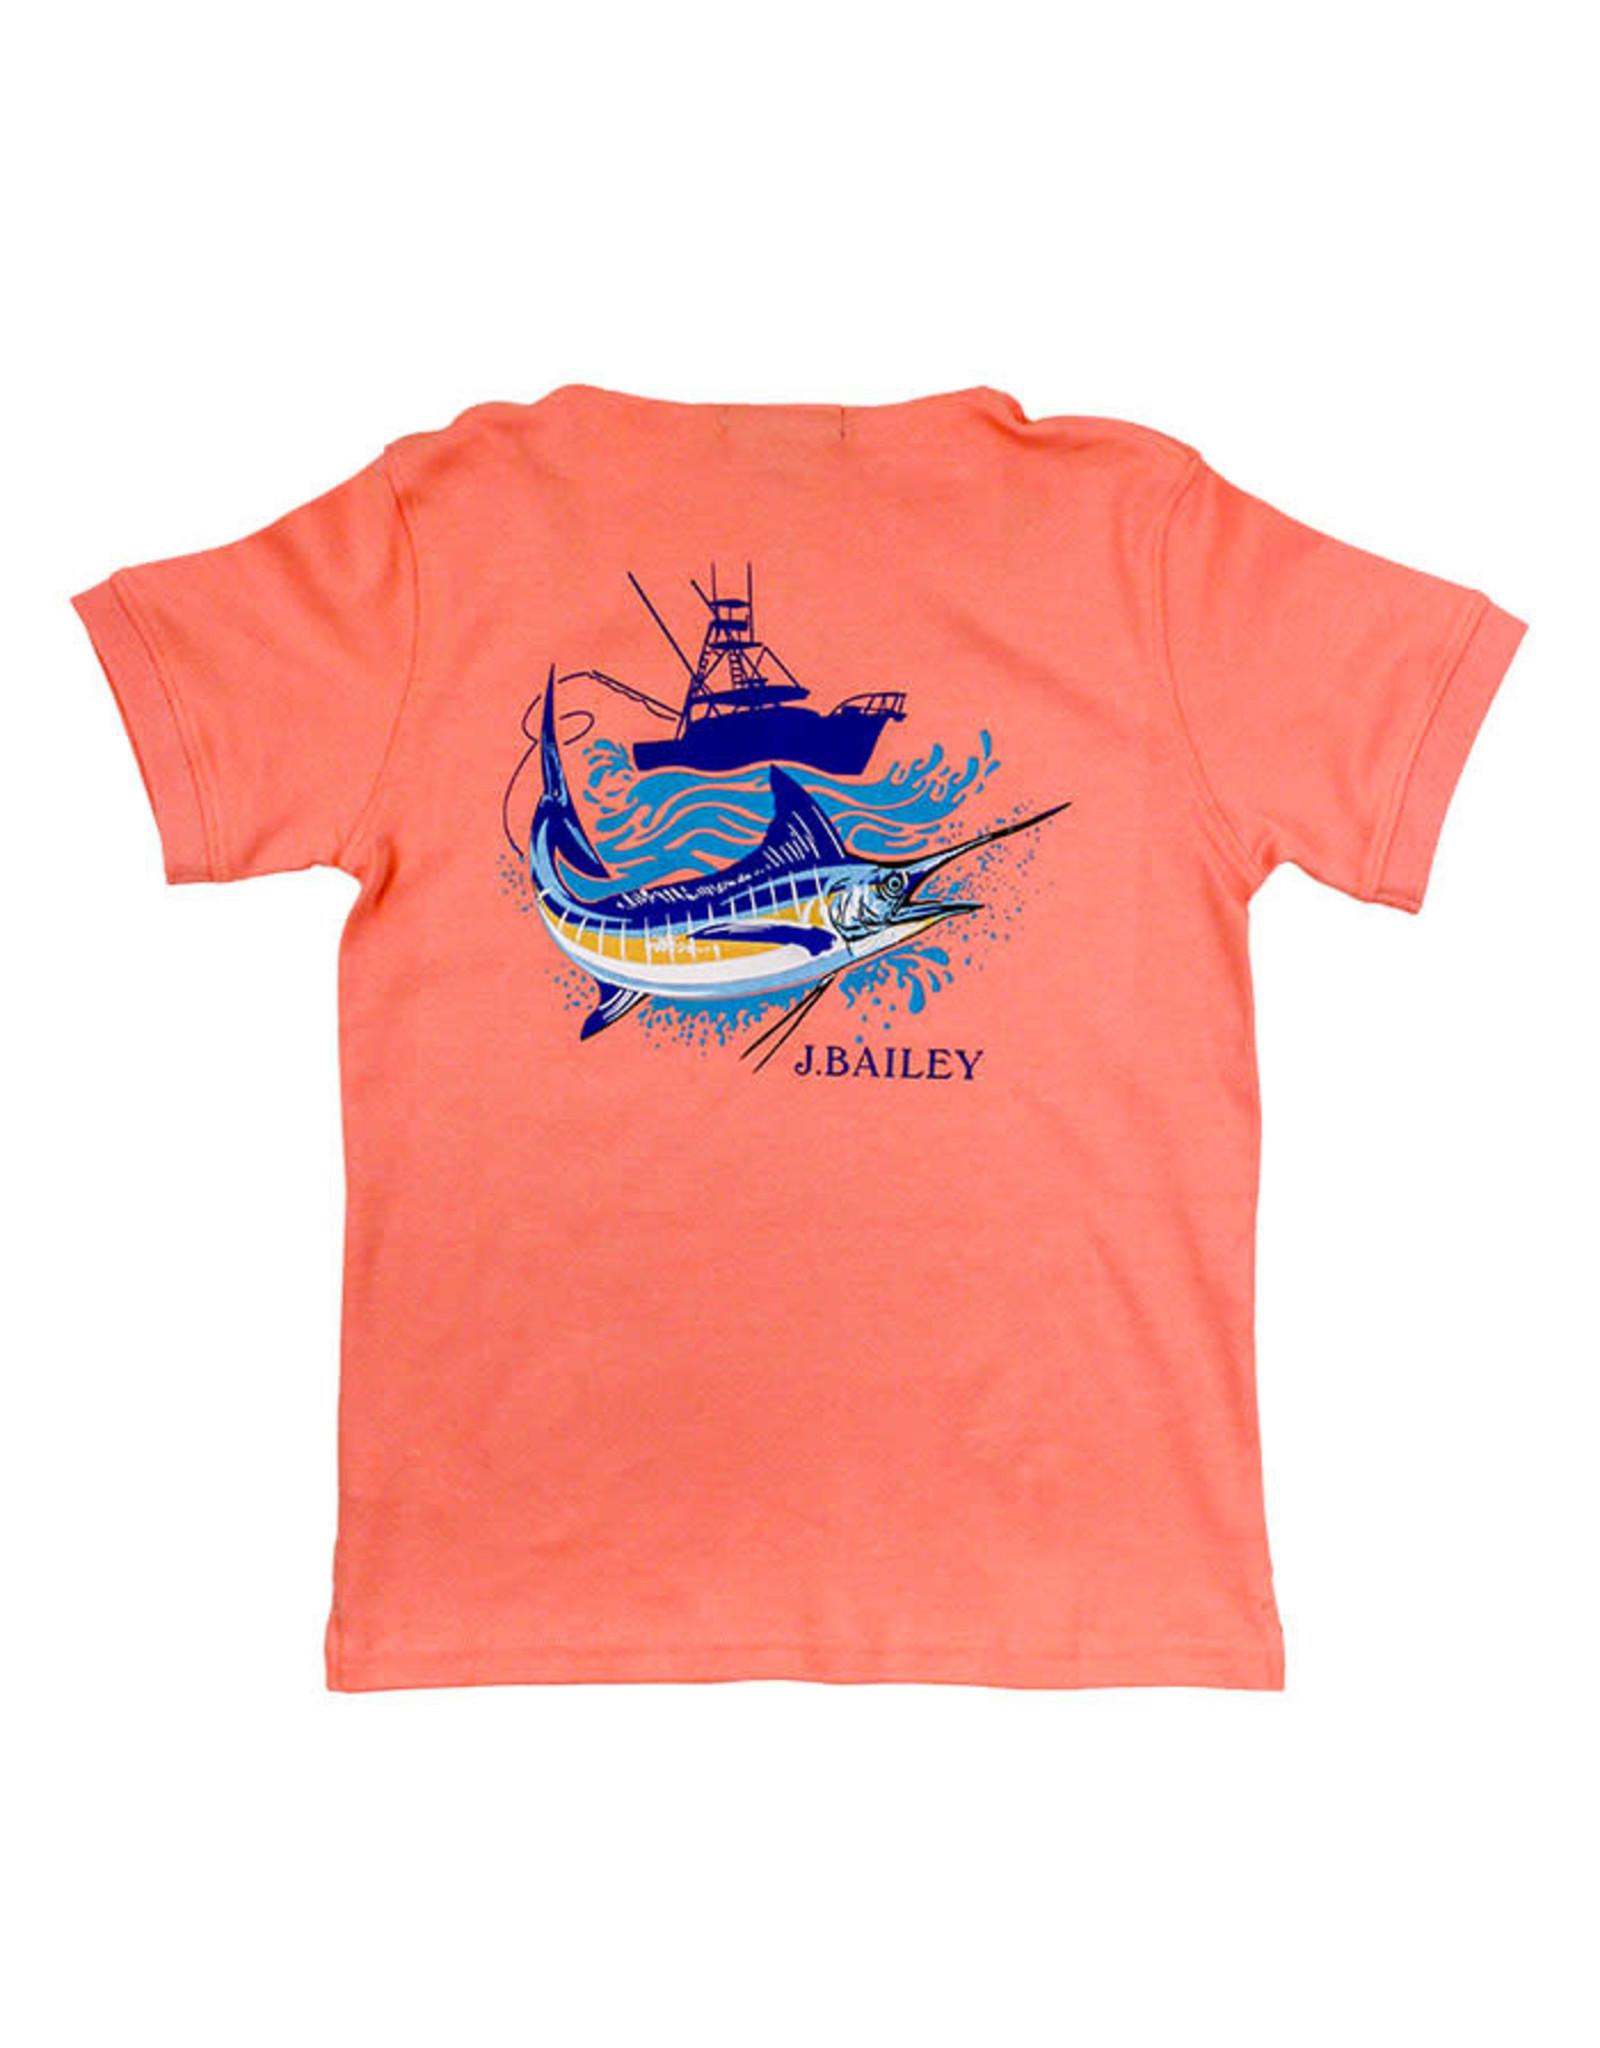 J Bailey Boat/Marlin Coral Logo Tee